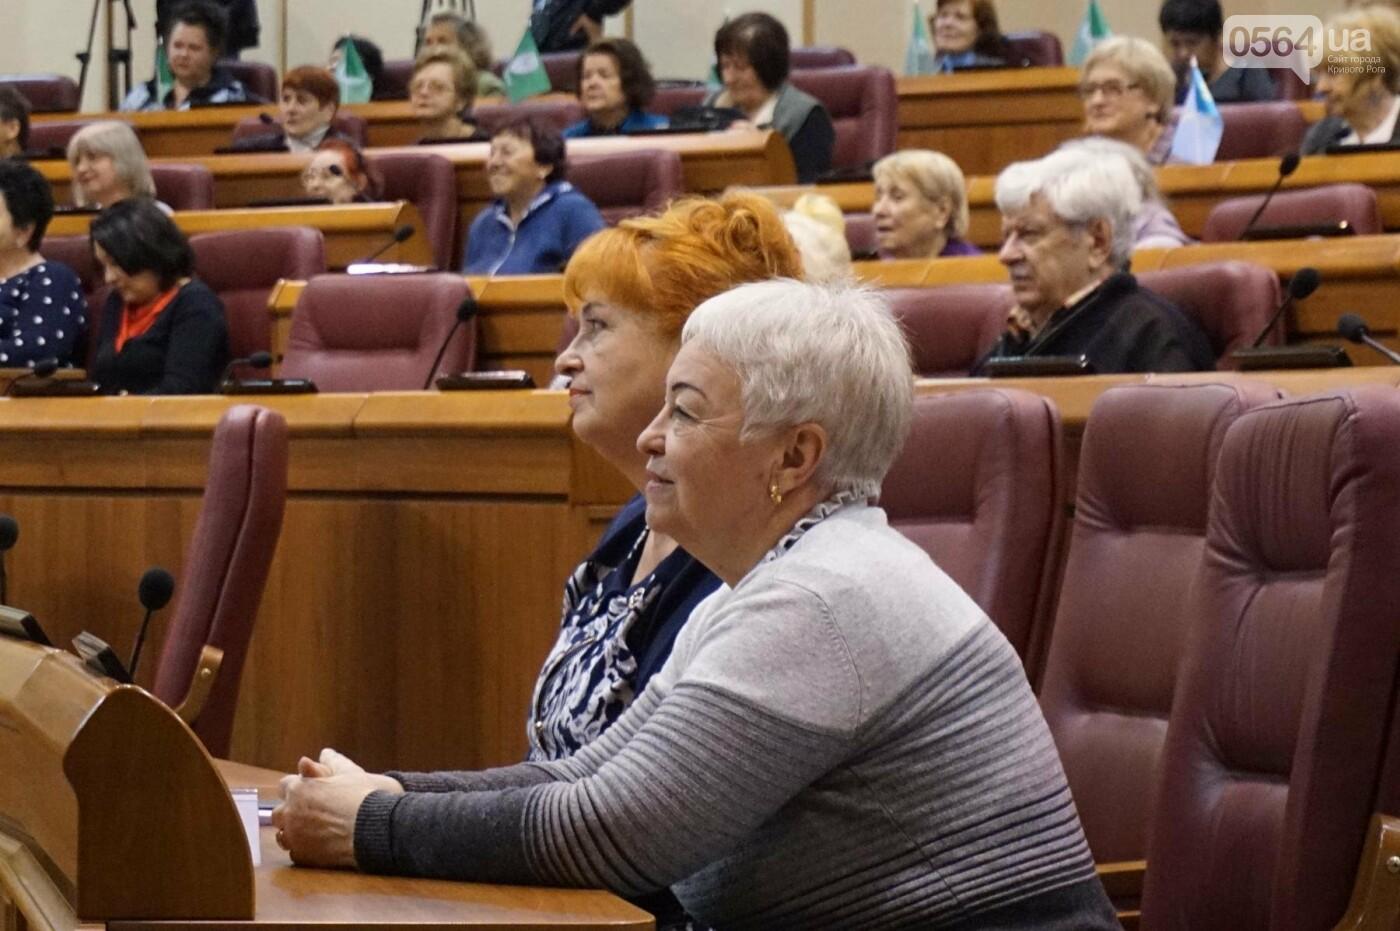 Экс-сотрудников Криворожского горисполкома поздравили с Днем пожилых людей (ФОТО), фото-16